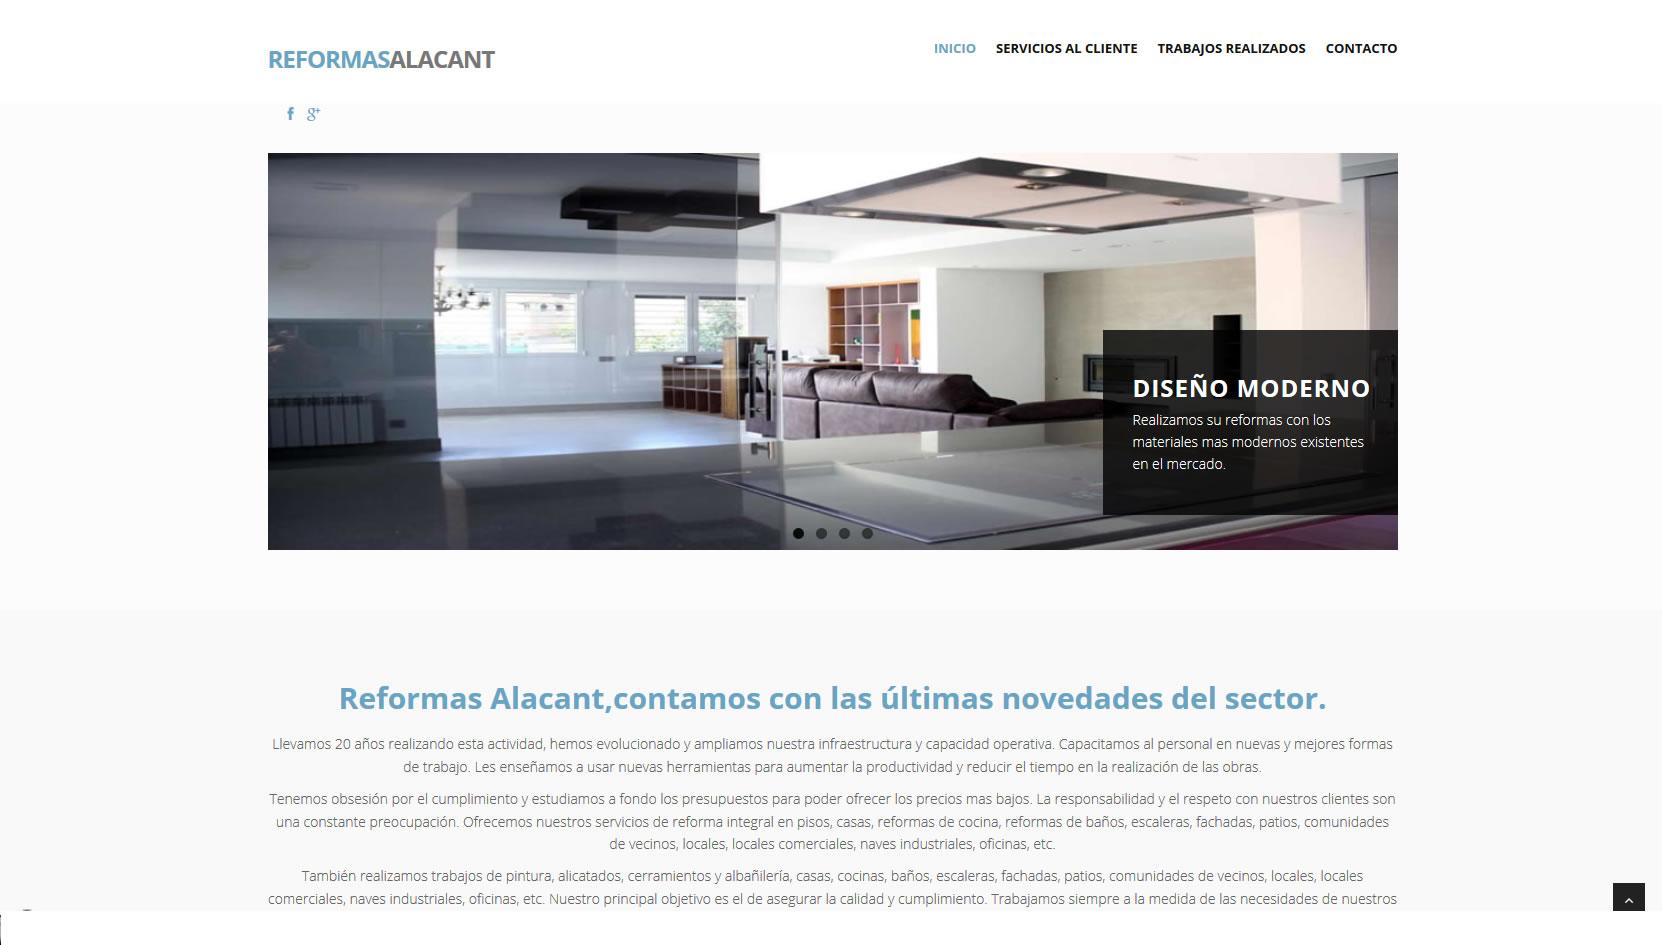 web_reformas_alacant